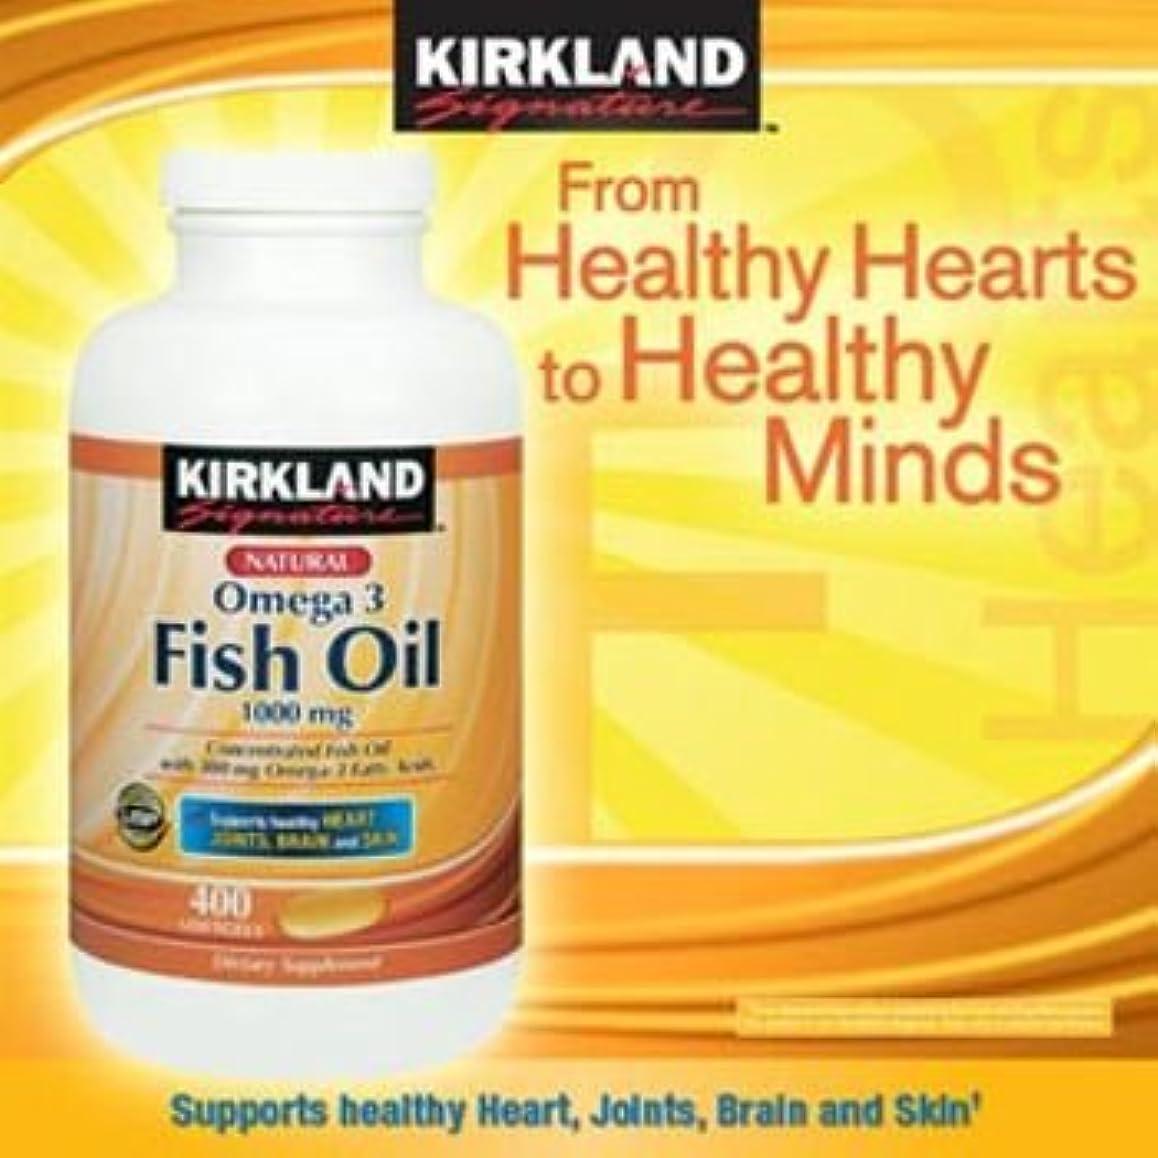 見物人エンゲージメント連帯KIRKLAND社 フィッシュオイル (DHA+EPA) オメガ3 1000mg 400ソフトカプセル 3本 [並行輸入品] [海外直送品] 3 Bottles of KIRKLAND's Fish Oil (DHA + EPA) omega-3 1000mg 400 soft capsules [parallel import goods] [overseas direct shipment product]